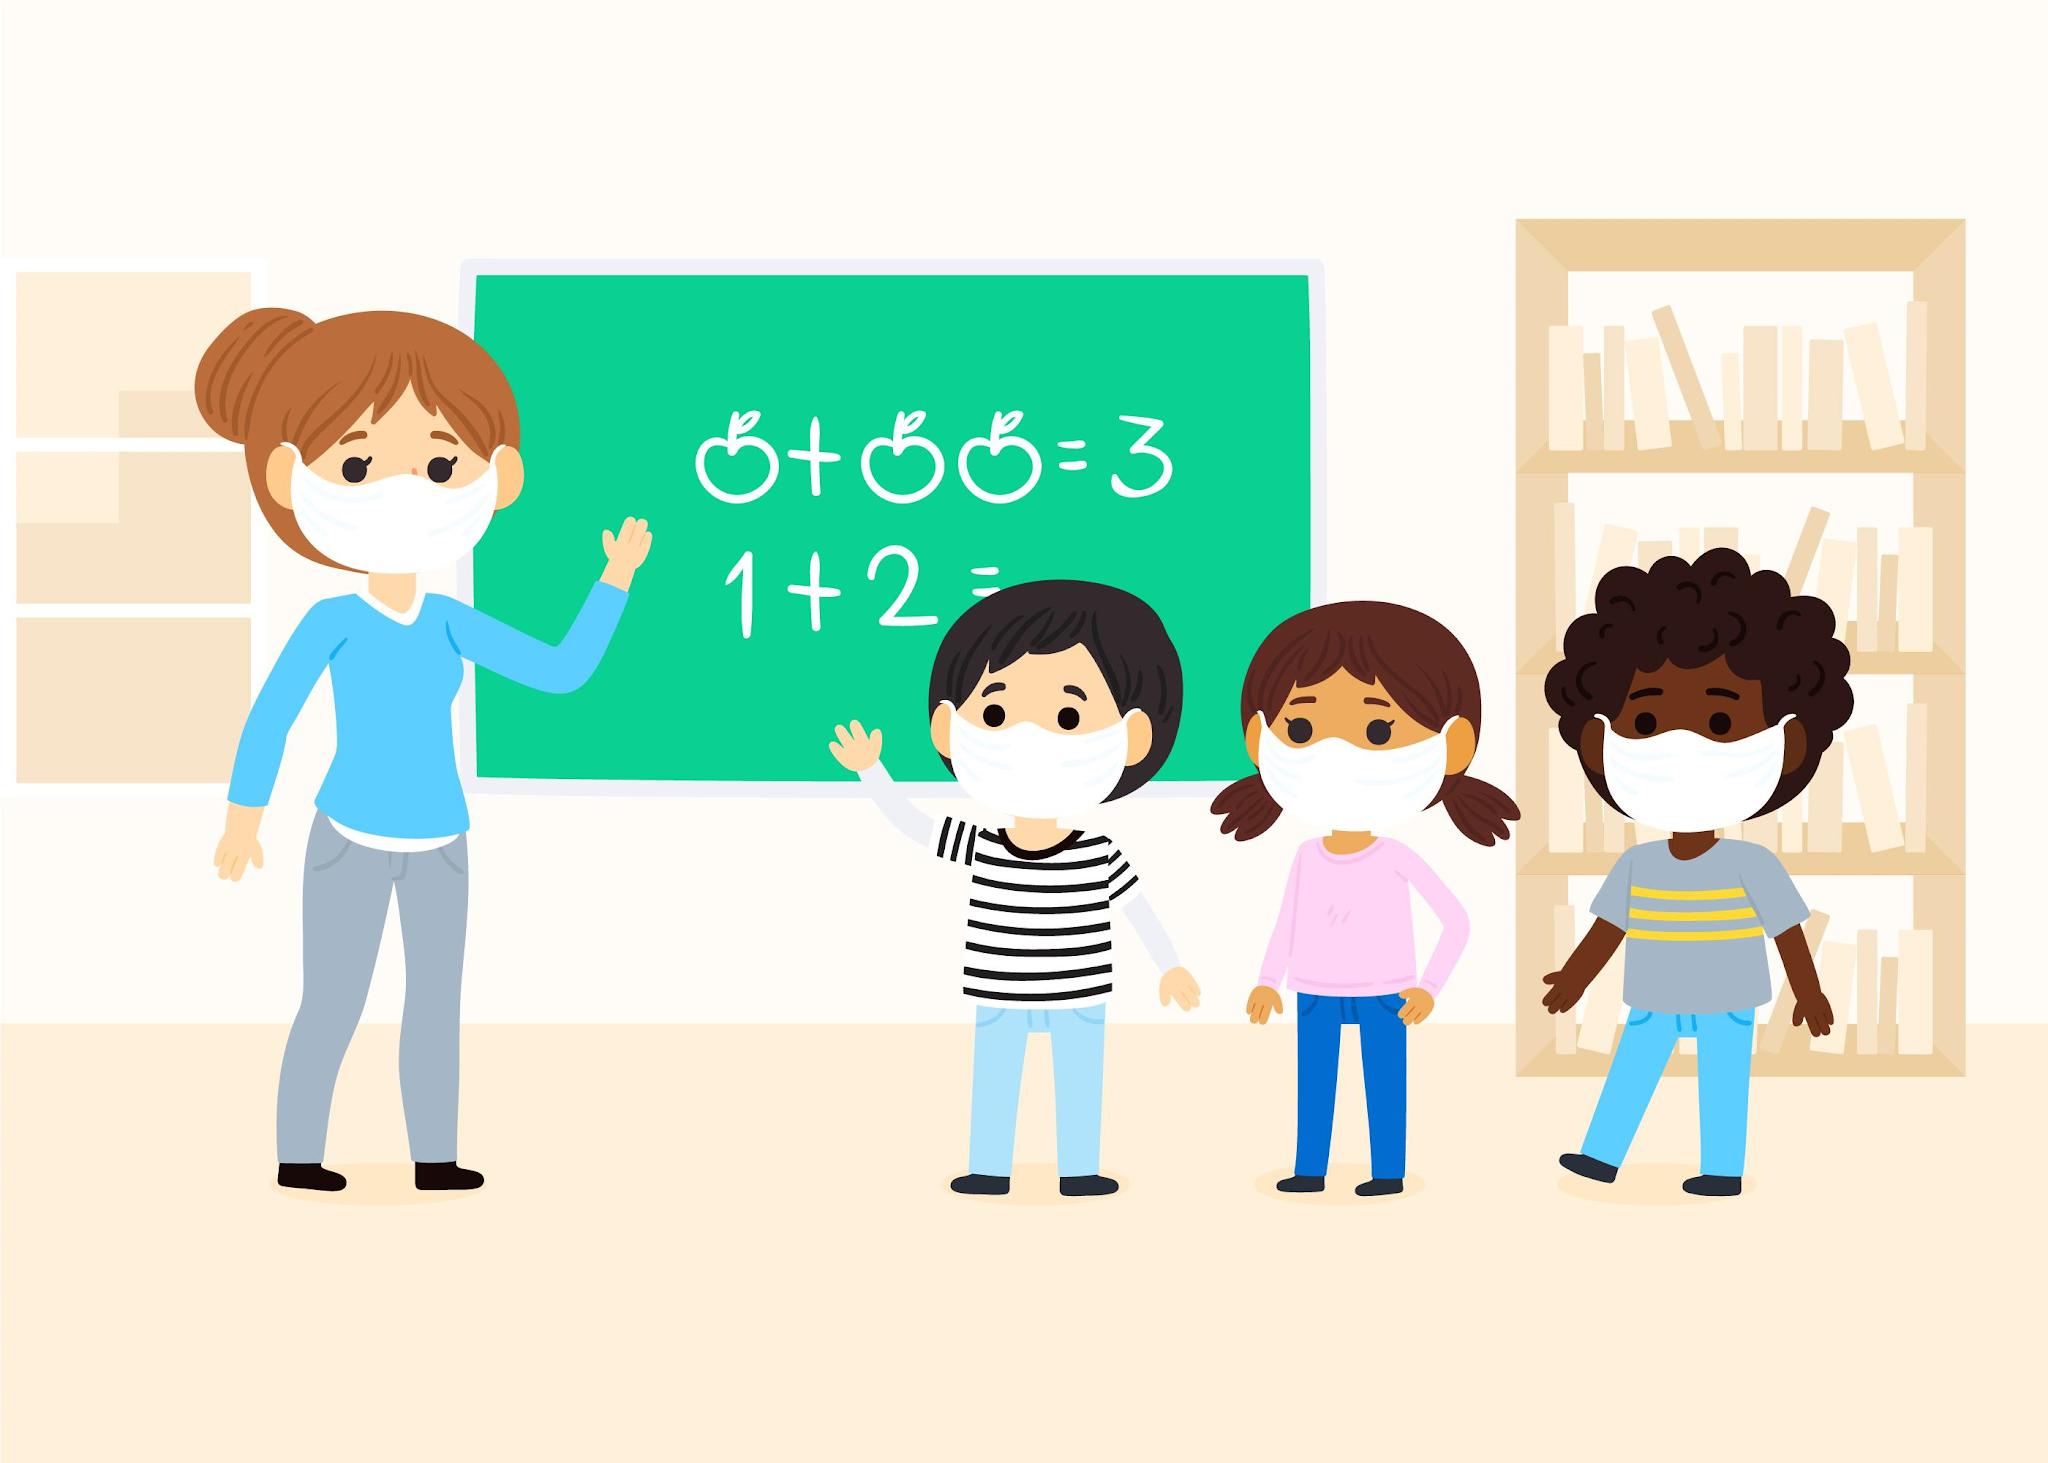 Kumpulan 20+ Contoh Soal Bimtek Seri Panduan Pembelajaran 2021/2022 Guru (Angkatan Terbaru)